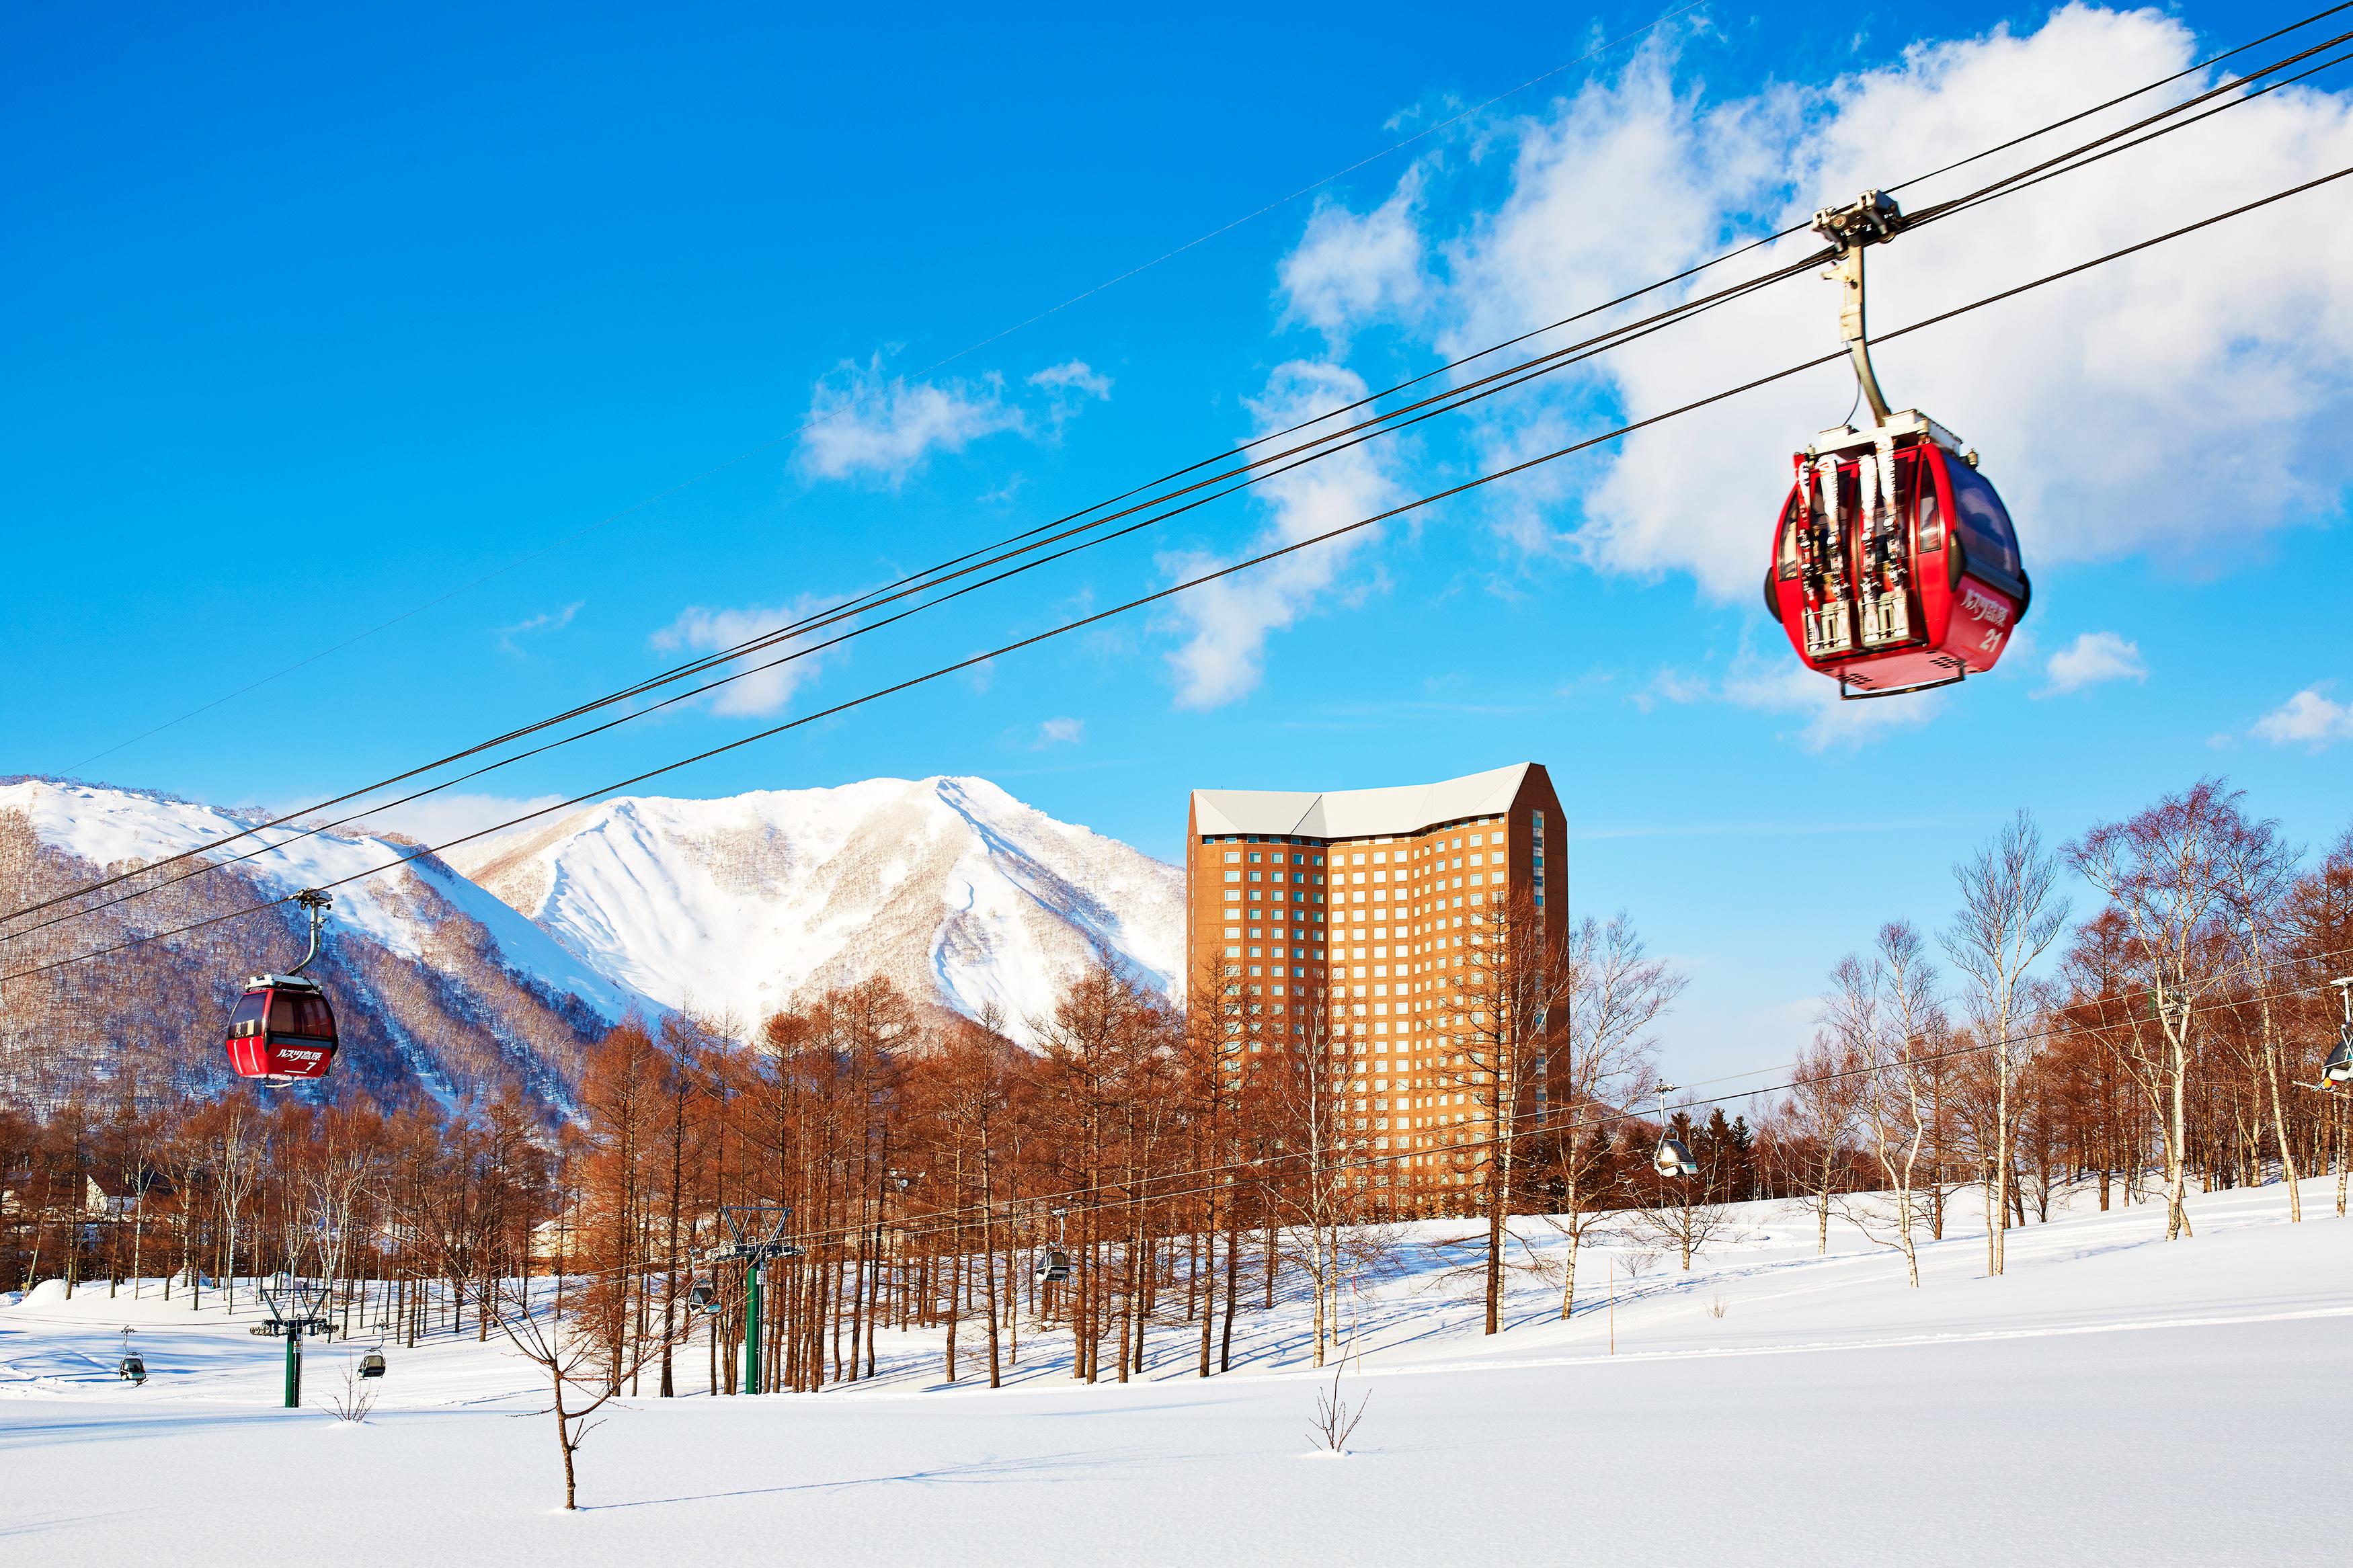 (日文司機北海道滑雪巴士)留壽都·二世古↔富良野滑雪場 · 星野度假村(單程滑雪巴士)